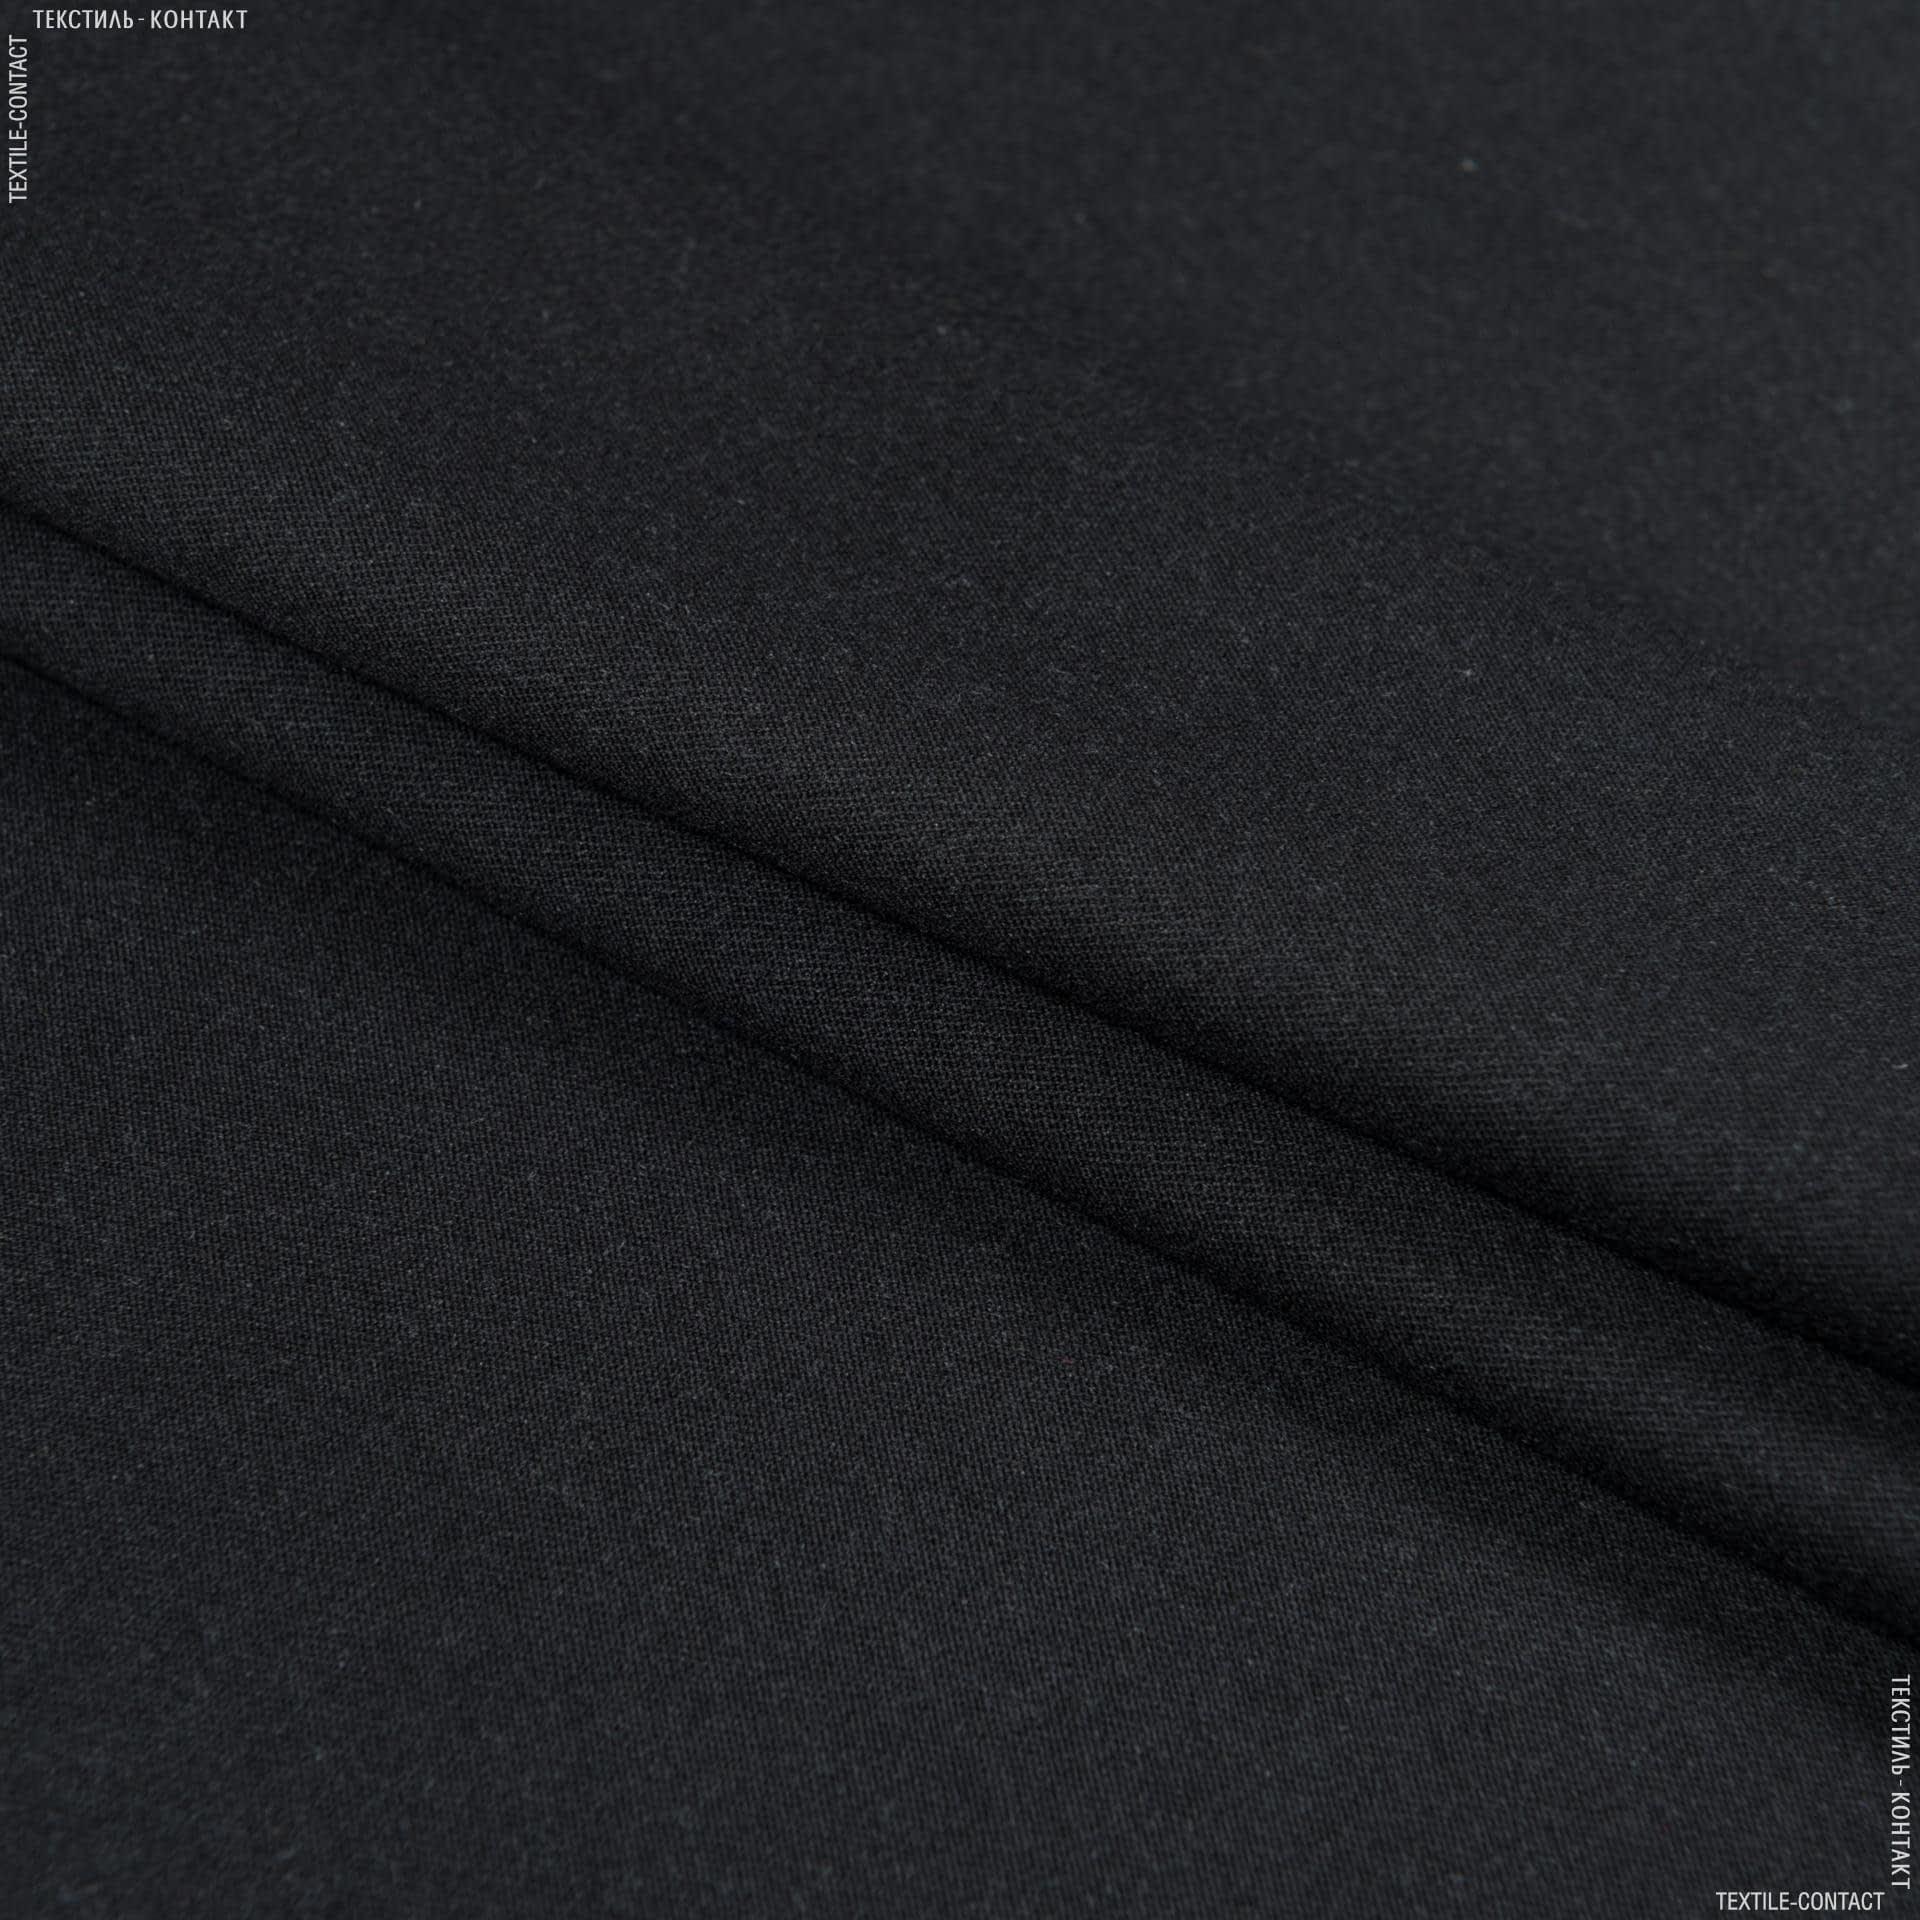 Тканини для костюмів - Костюмна чорний графіт